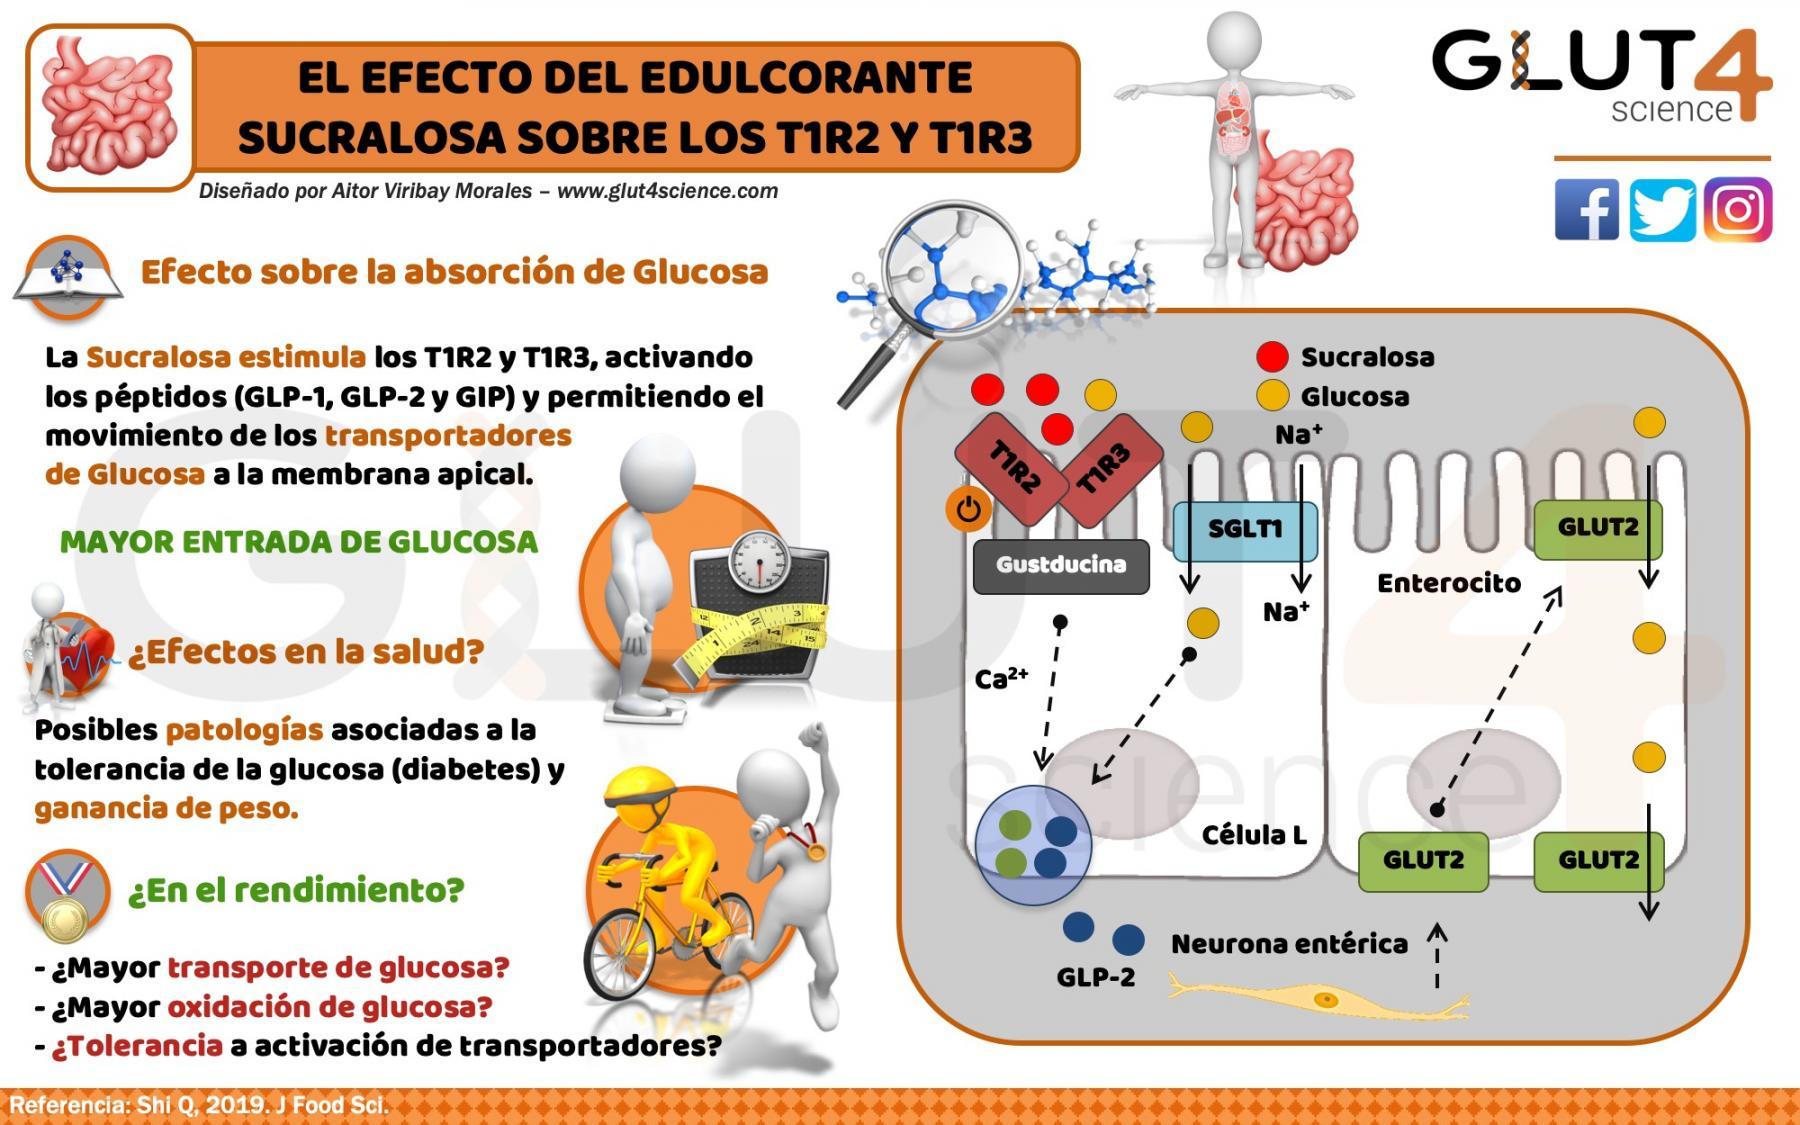 Efecto del Edulcorante Sucralosa en la absorción de glucosa